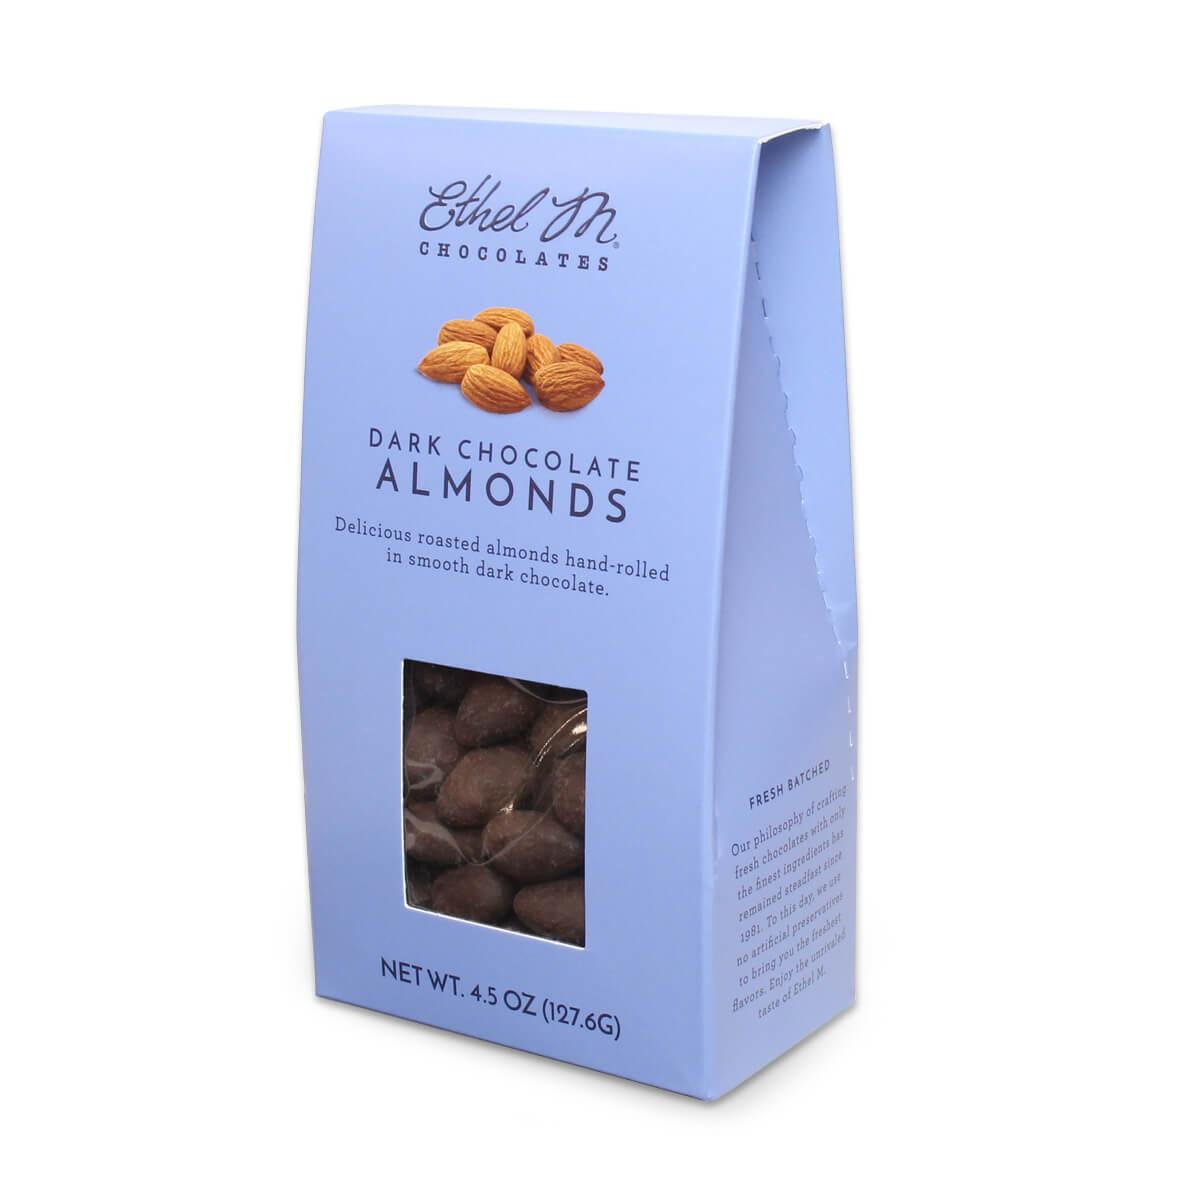 Panned Dark Almonds